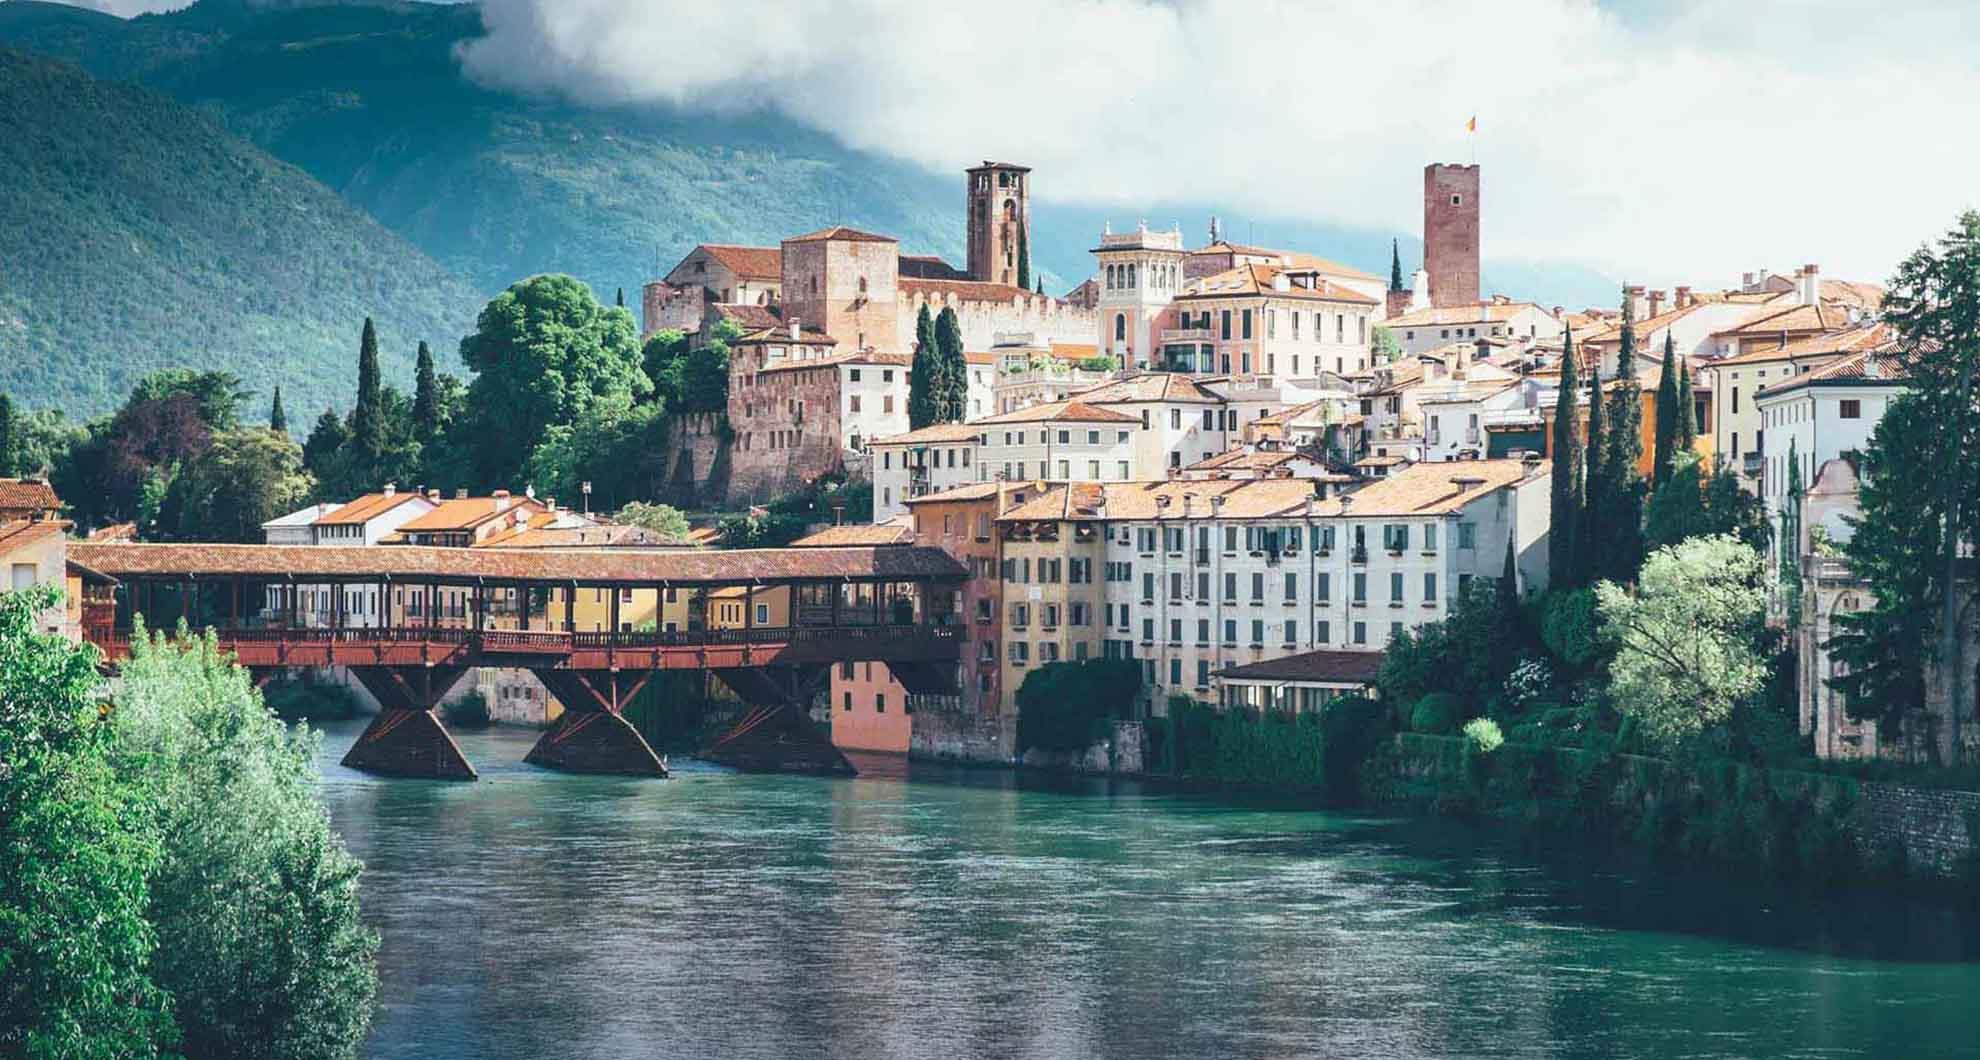 Architetto Bassano Del Grappa 5 cose che devi vedere assolutamente di bassano | living bassano